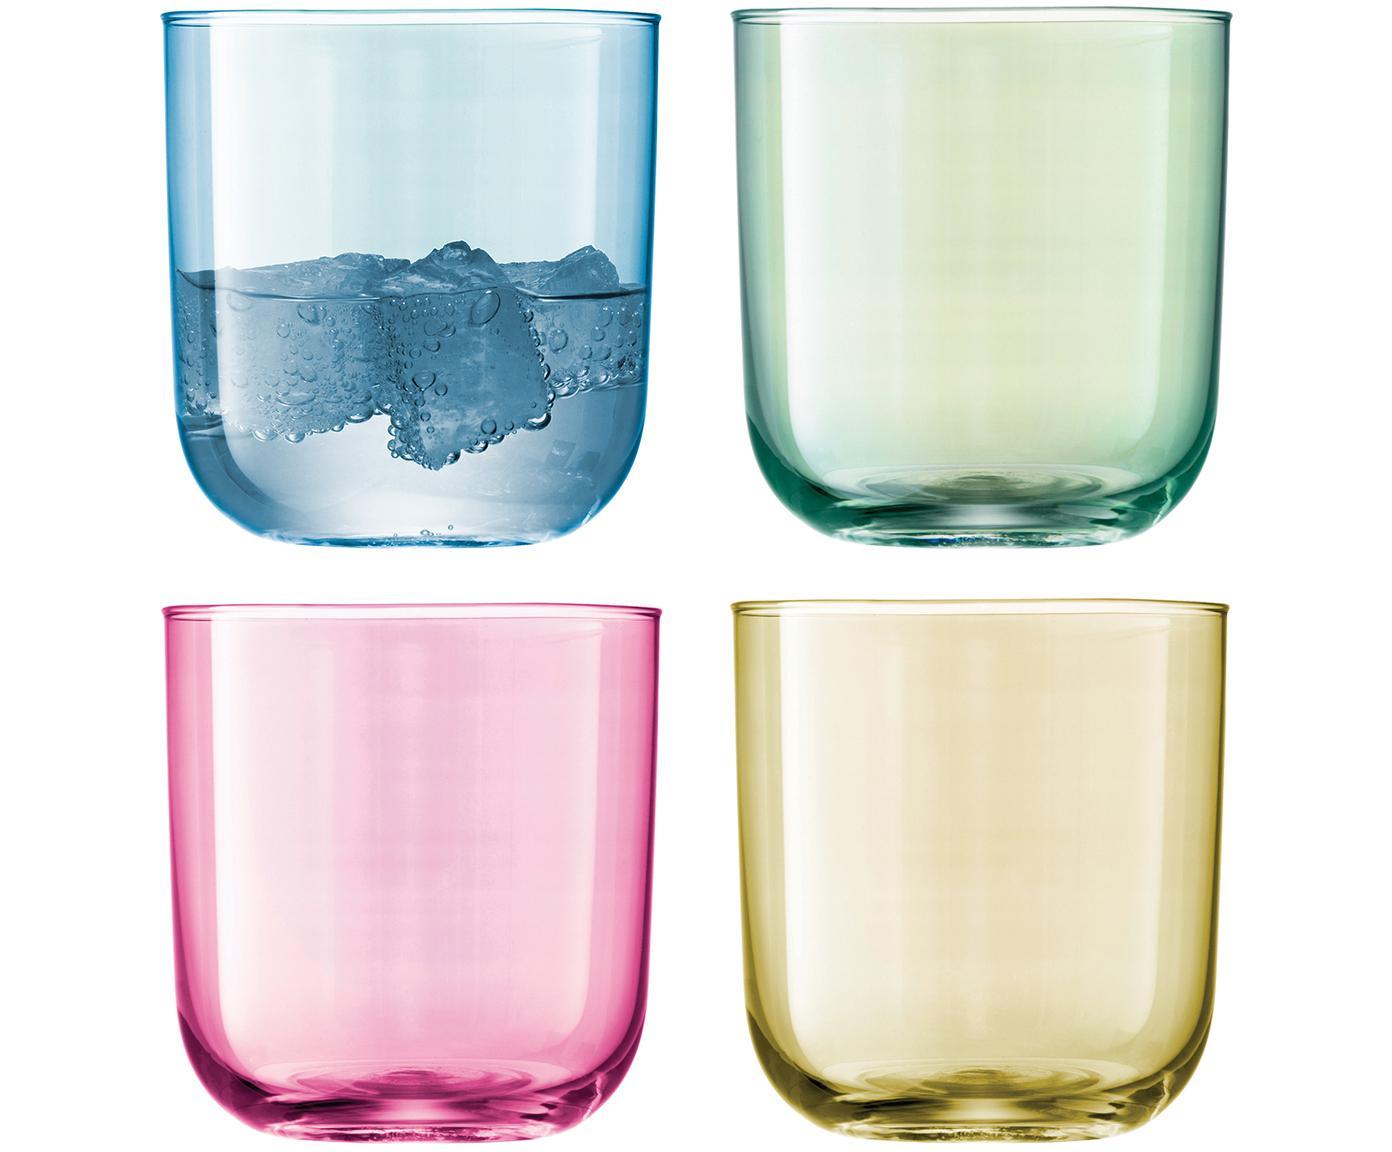 Handbemalte Wassergläser Polka in Bunt, 4er-Set, Glas, Blau, Grün, Rosa, Gelb, Ø 9 x H 9 cm